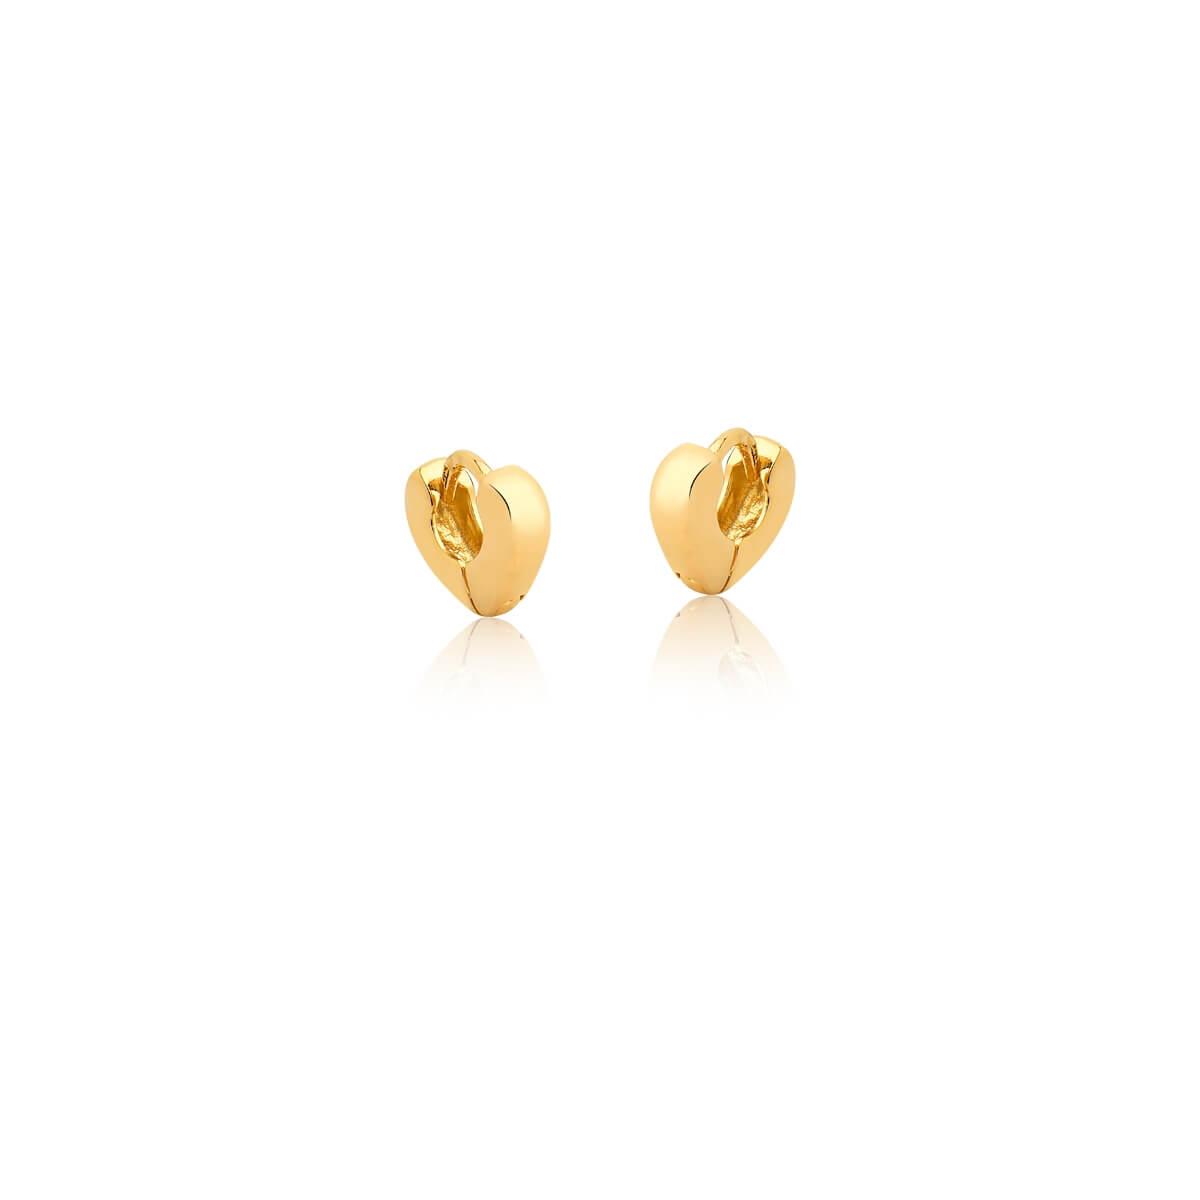 Brinco de Argola de coração Pequeno liso banhado em ouro 18k